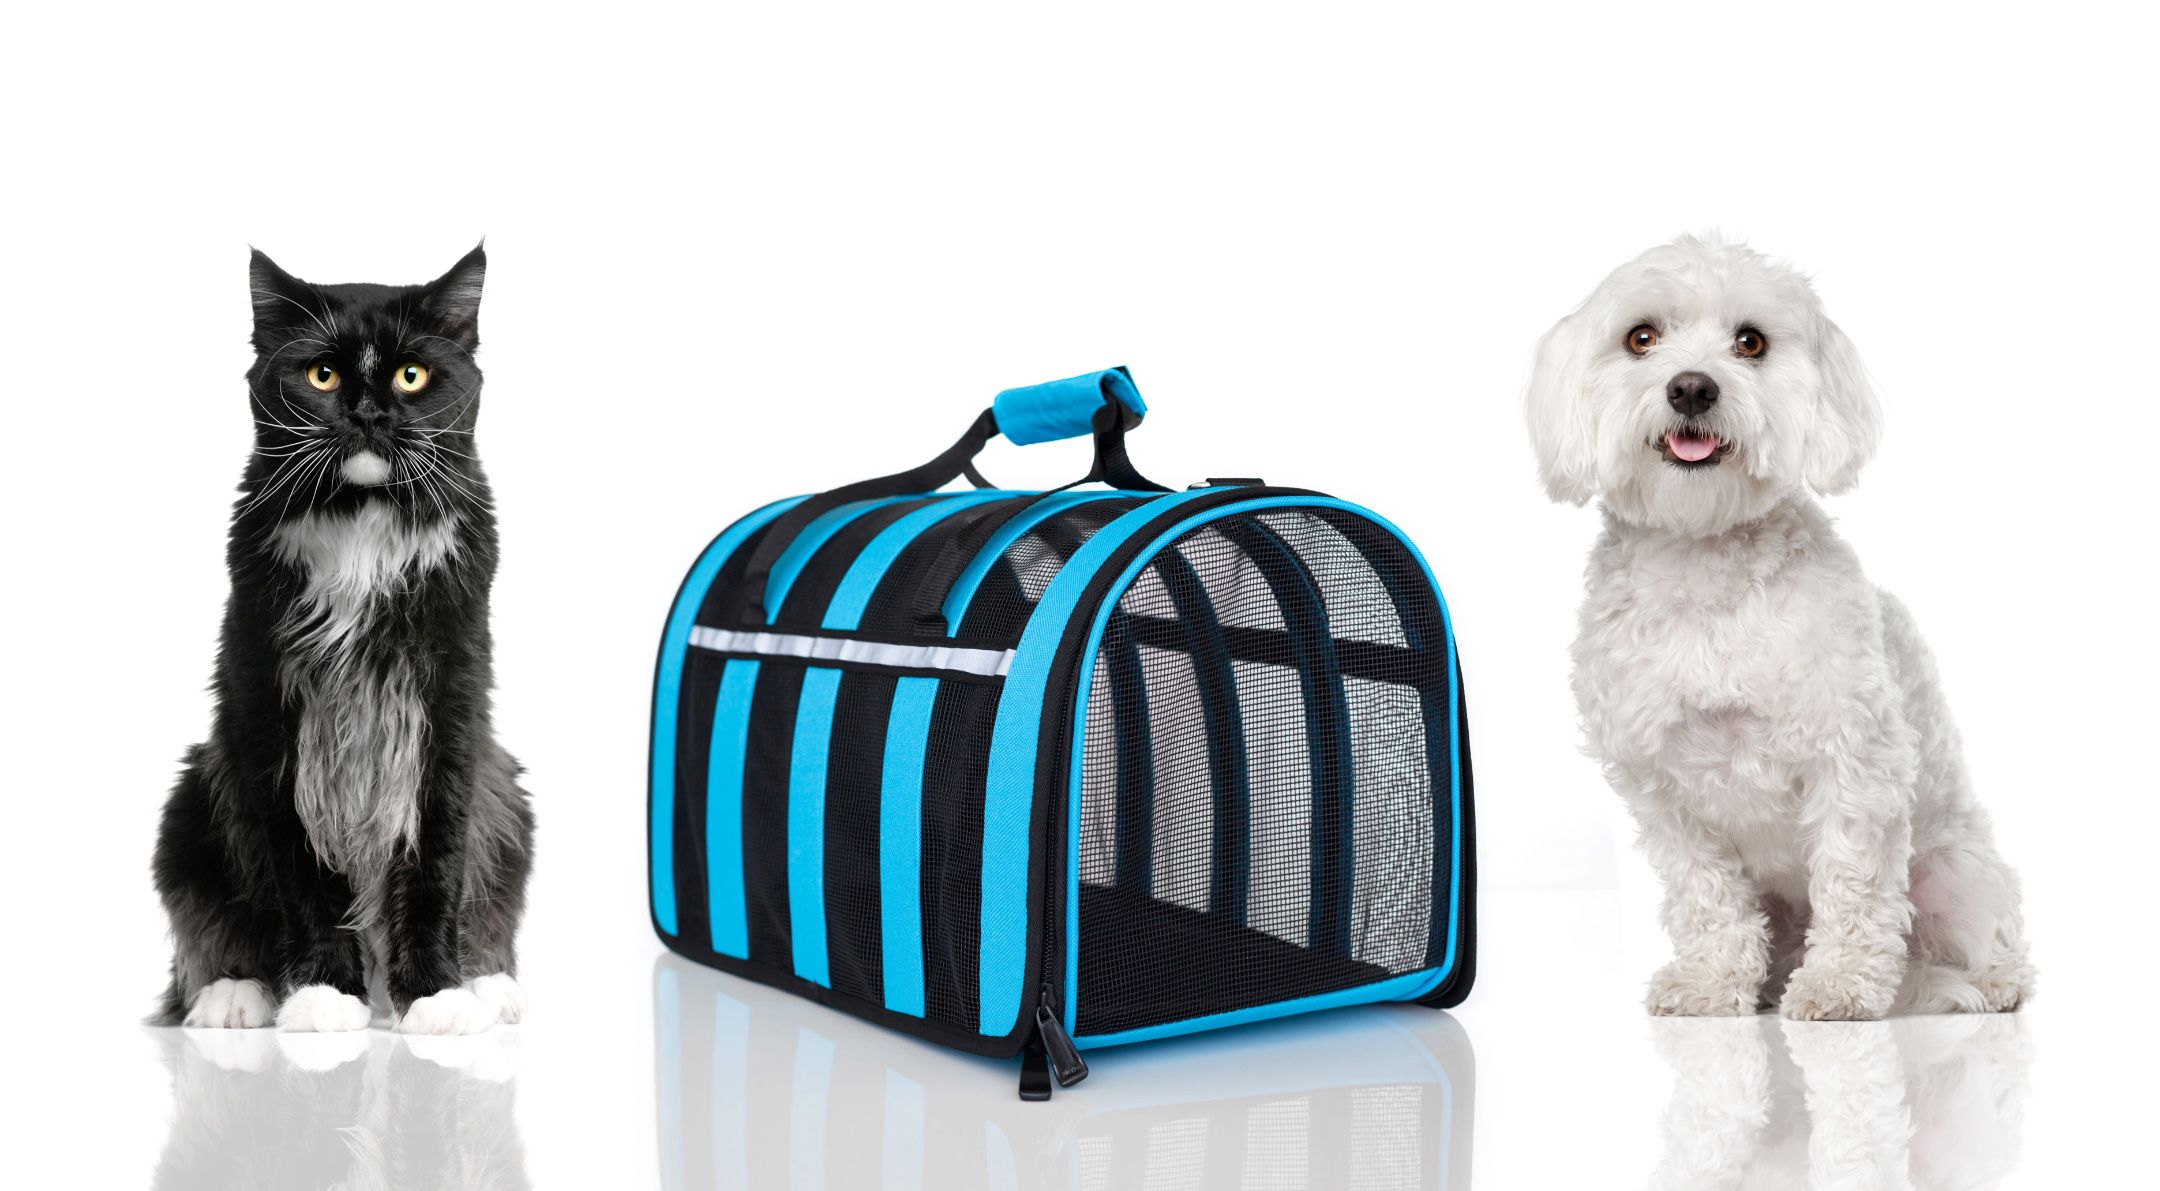 tragetasche transporttasche f r kleine hunde und katzen bis ca 6 kg in blau ebay. Black Bedroom Furniture Sets. Home Design Ideas